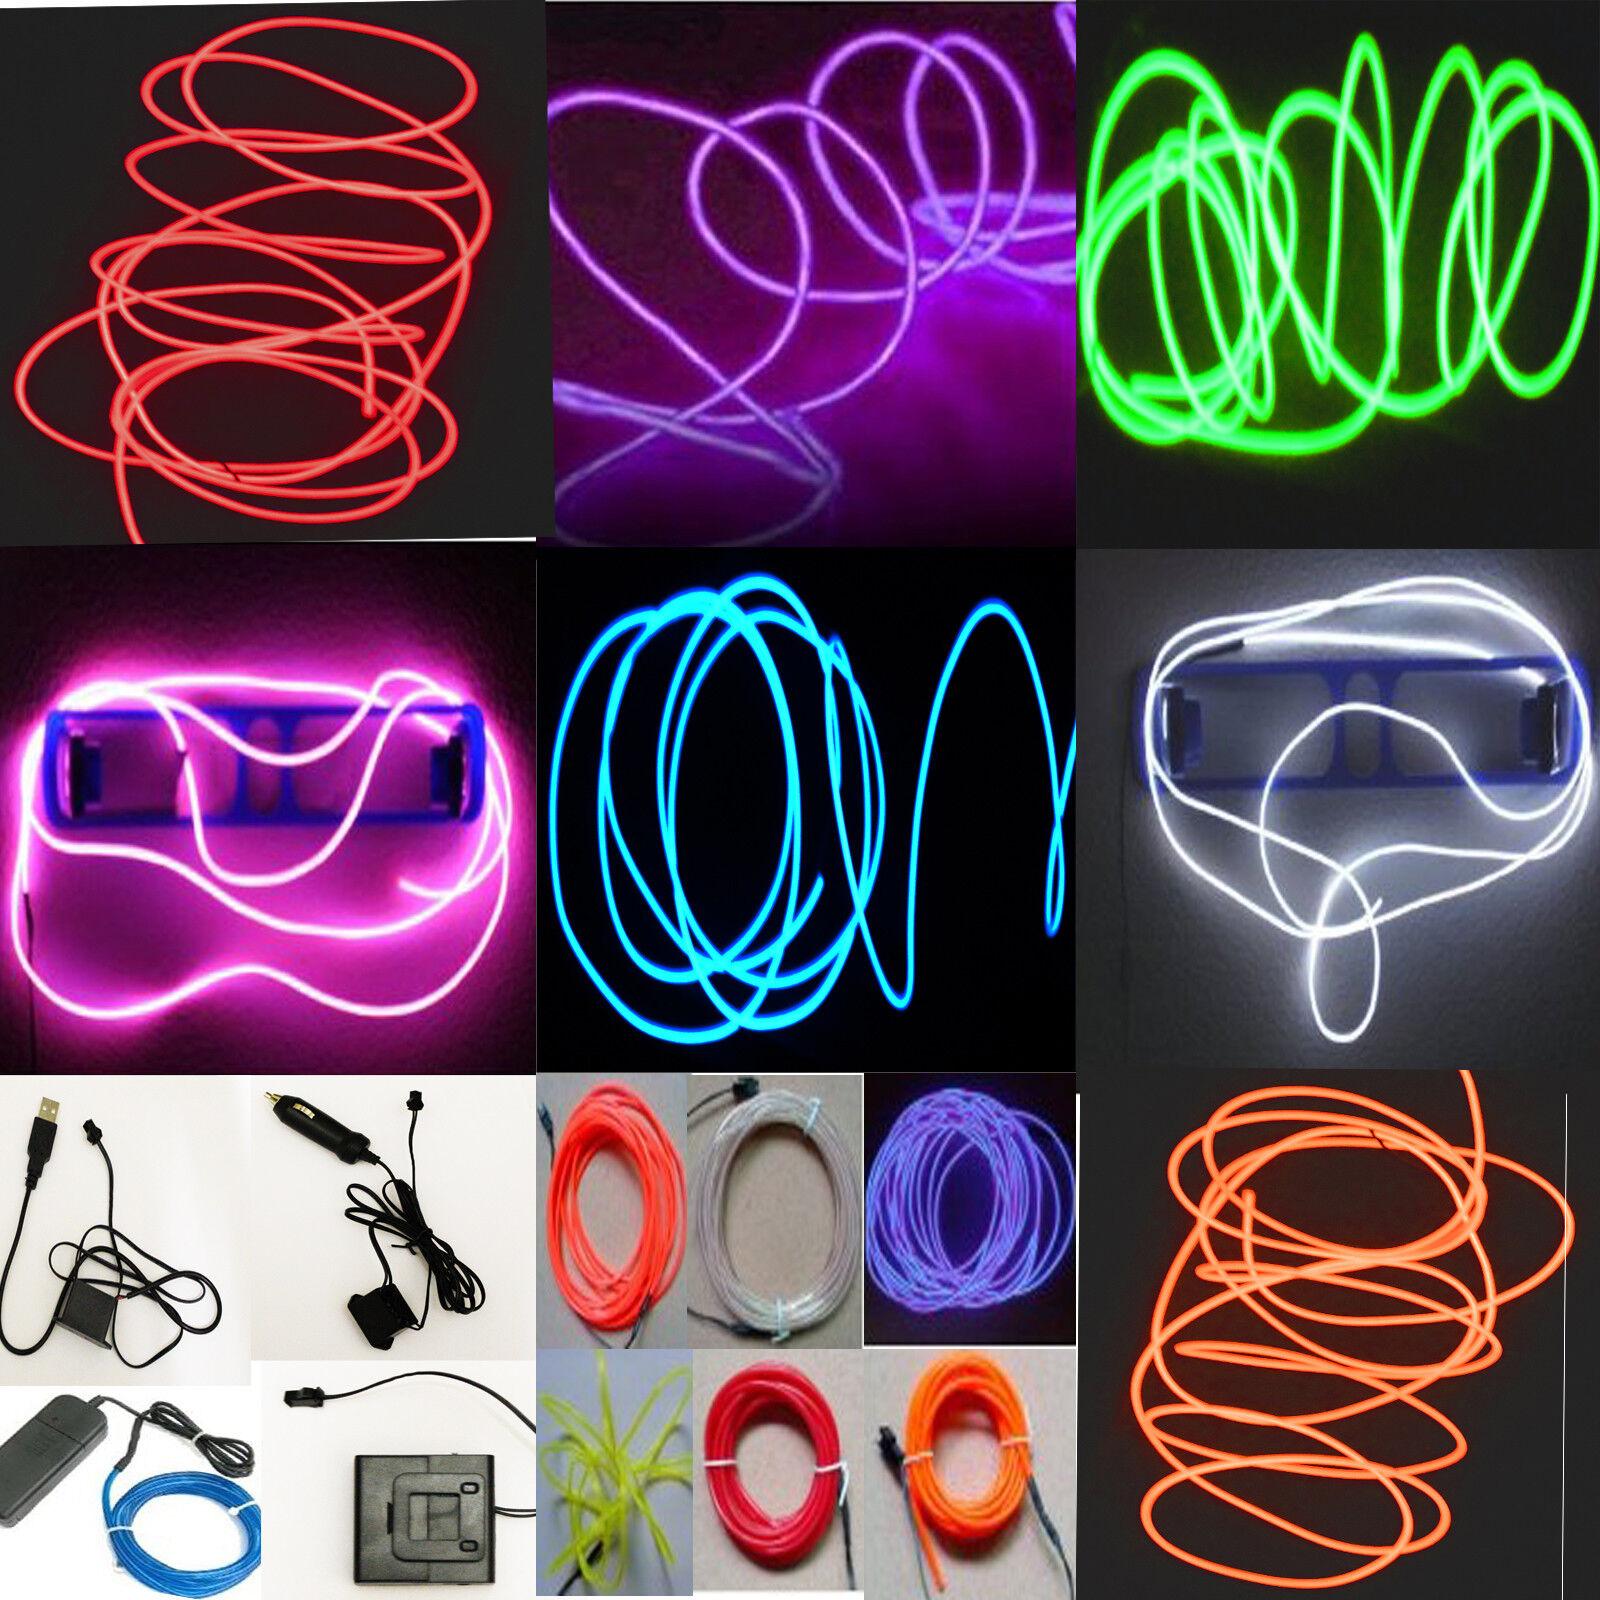 Neon Wire Beli - WIRE Center •